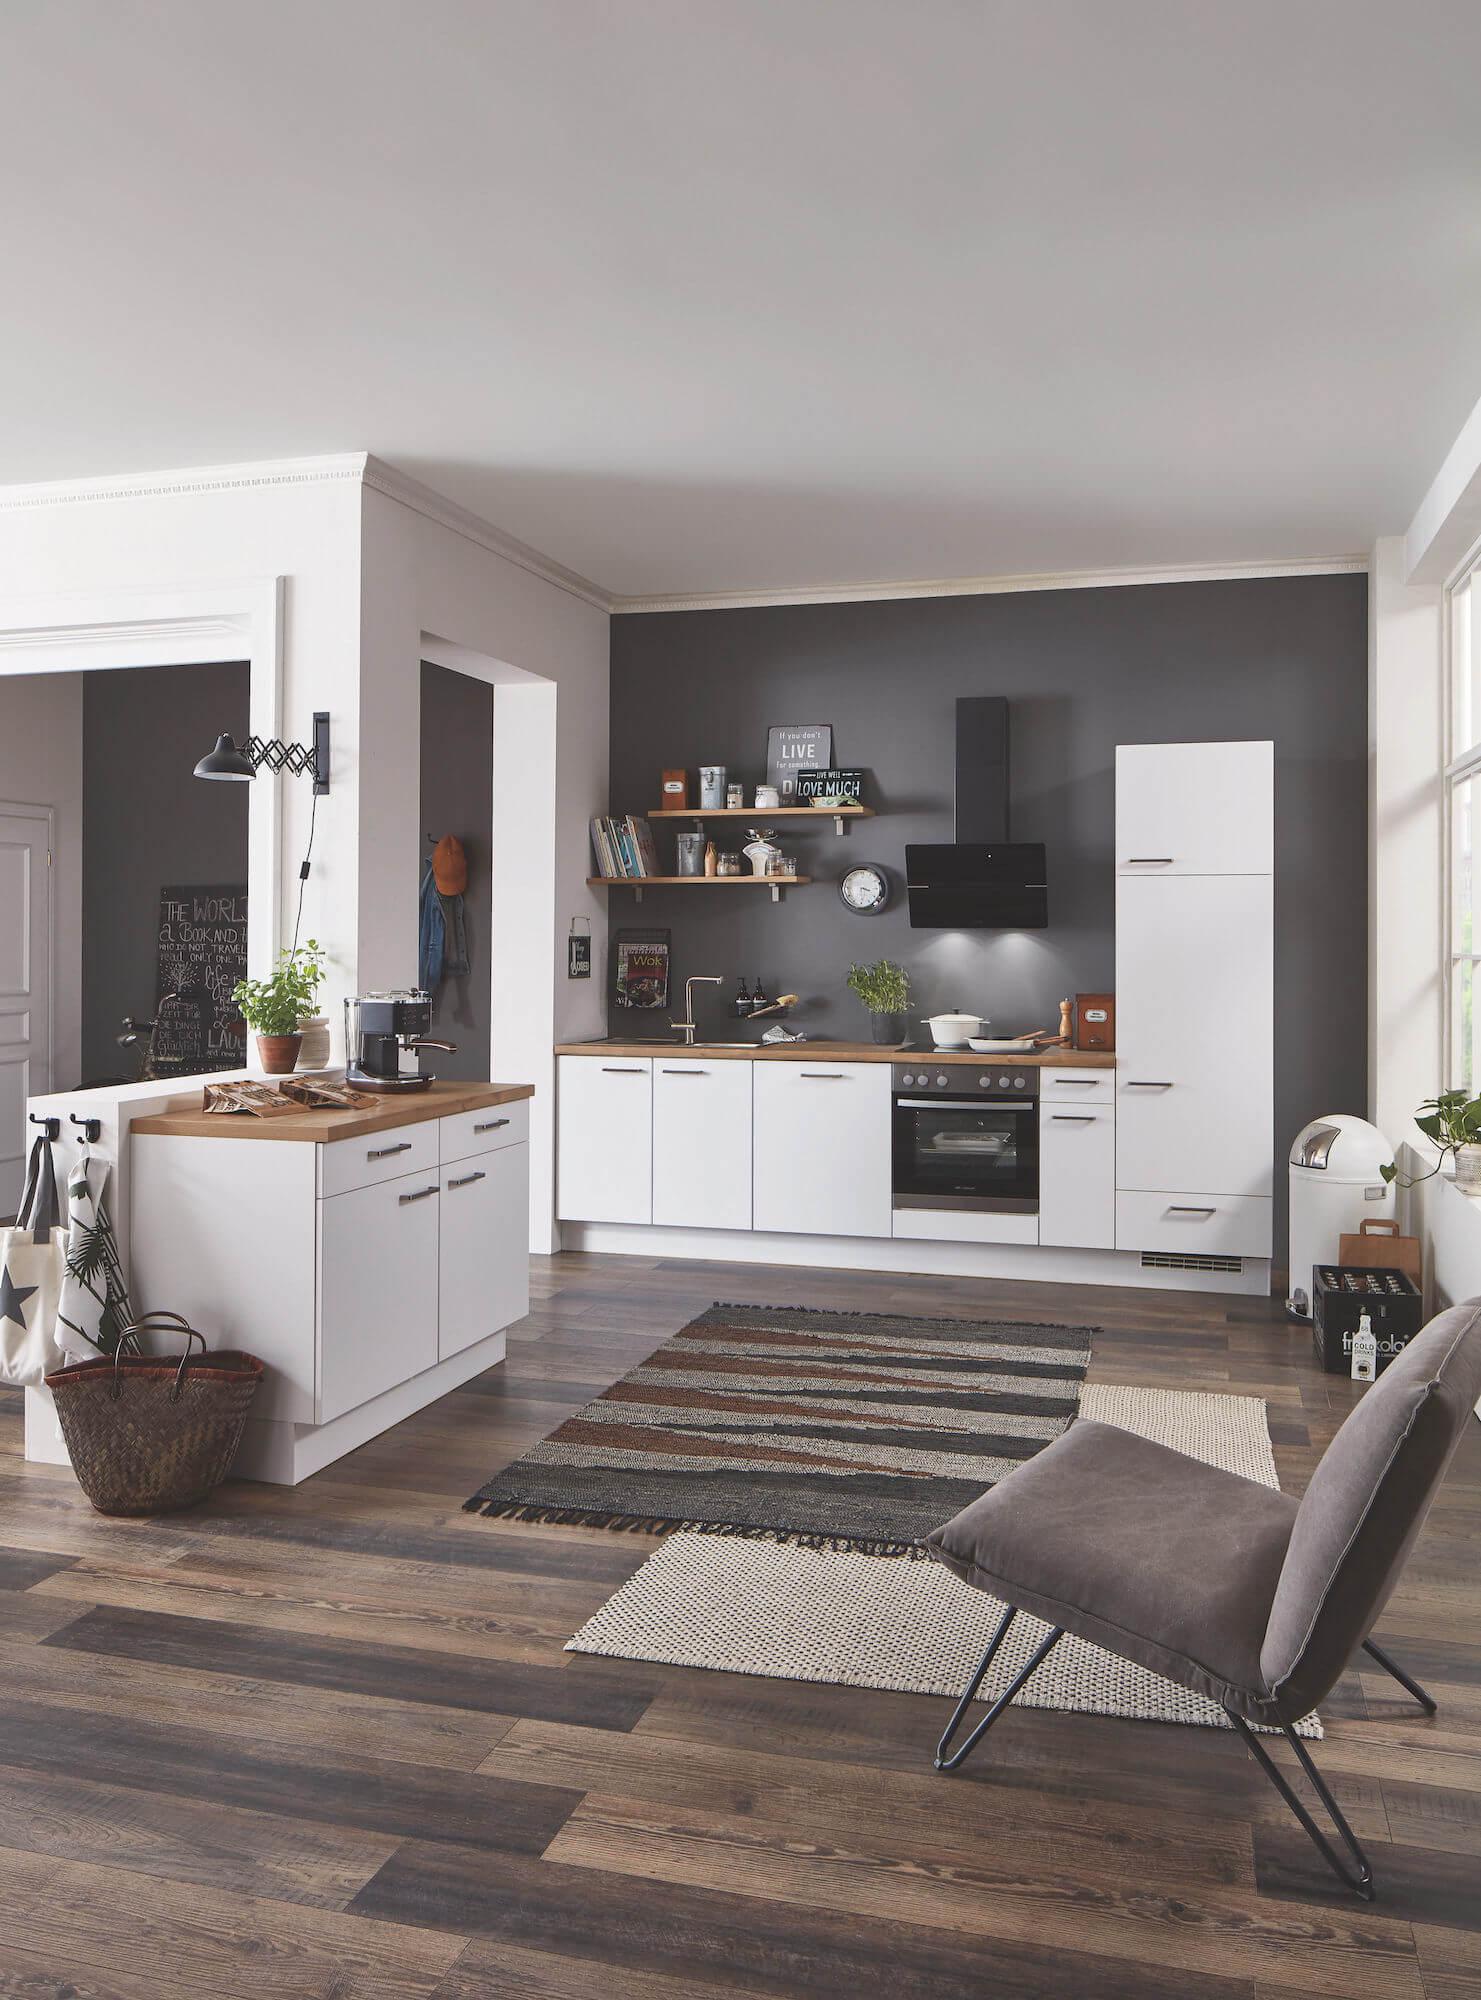 Nobilia Elements moderne Küchenzeile weiß braune Arbeitsplatte